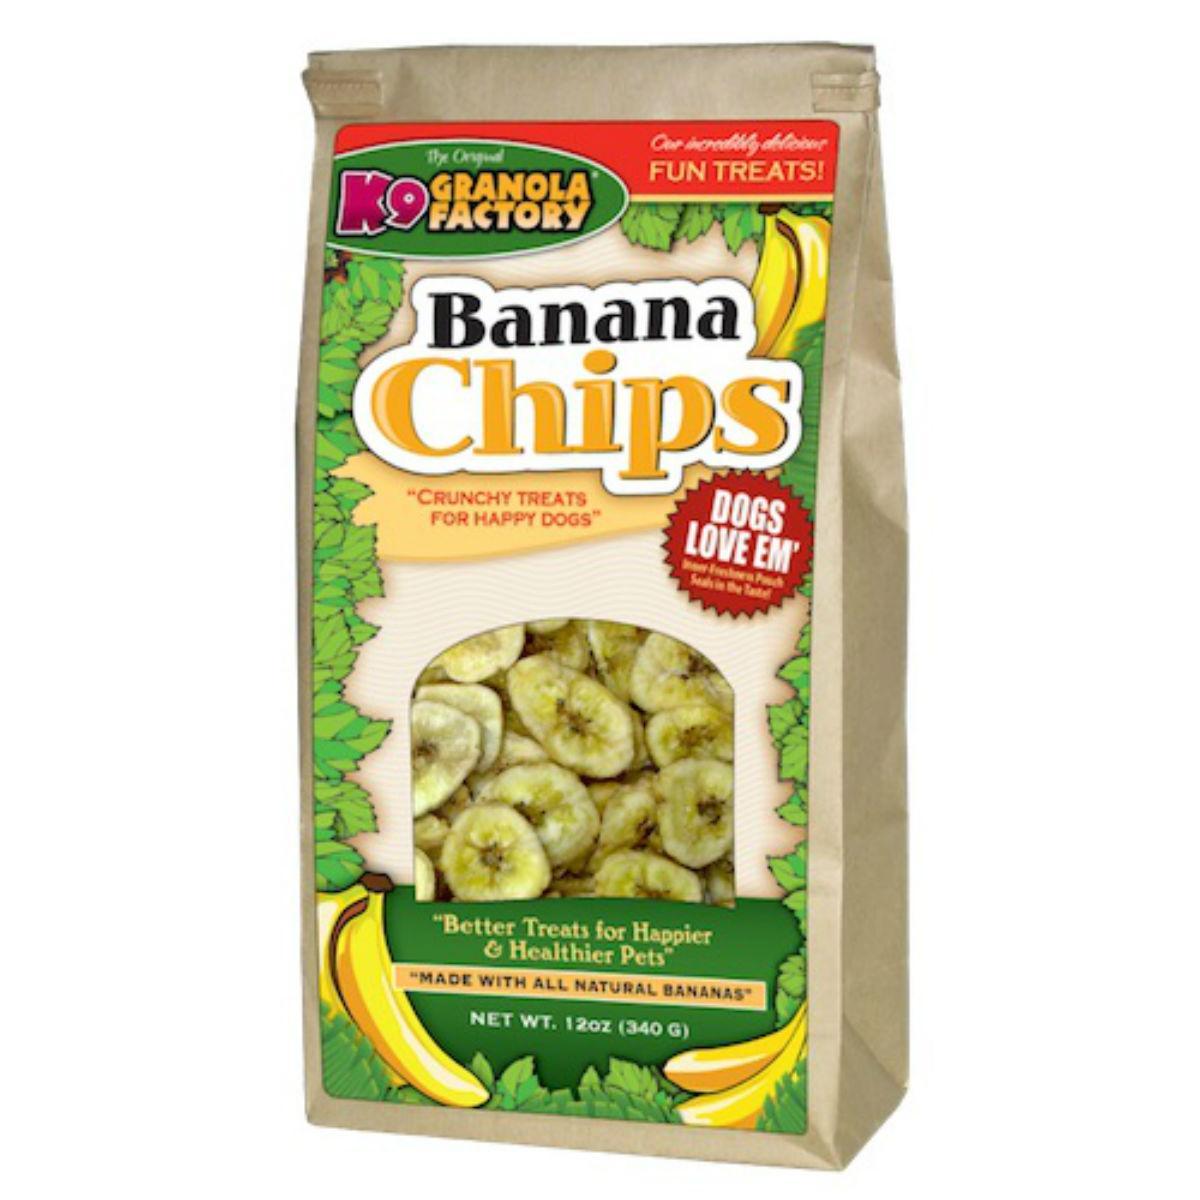 K9 Granola Factory Banana Chips Dog Treat by K9 Granola Factory